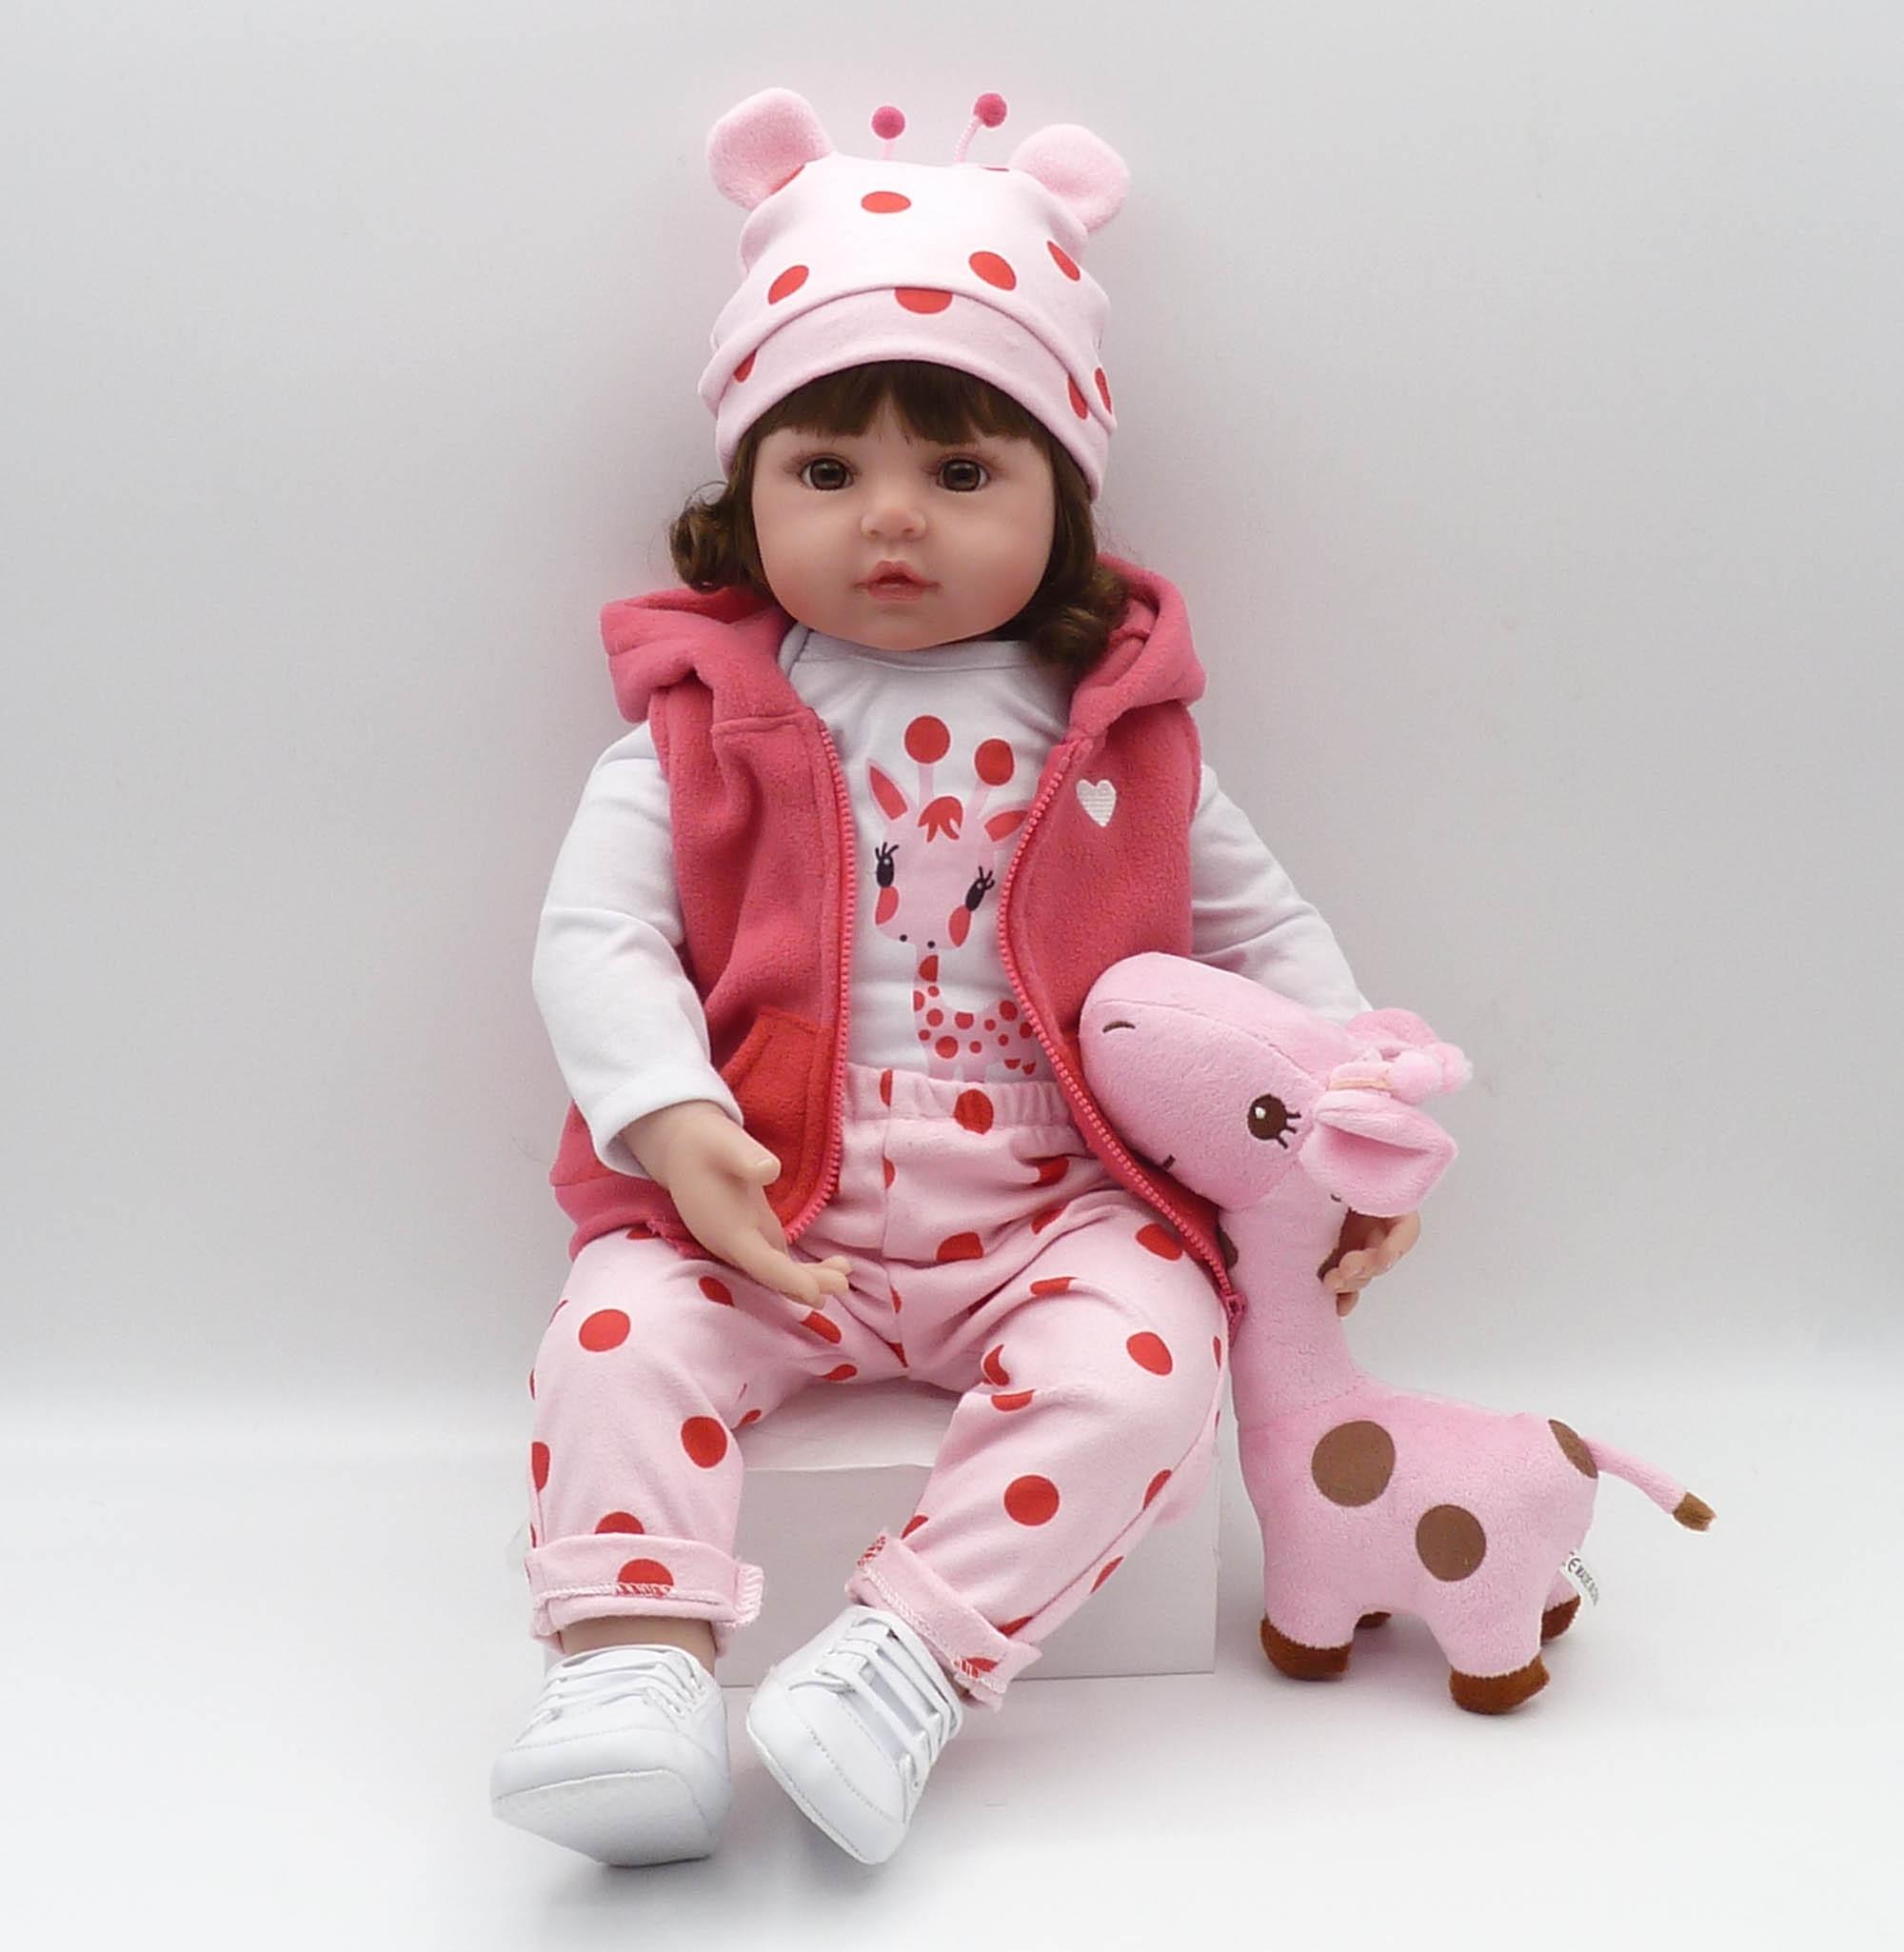 Nouveau-né 19 pouces silicone poupée bebe reborn poupée mignon peluche jouet bébé fille donne à l'enfant le meilleur cadeau d'anniversaire de noël enfant! - 3